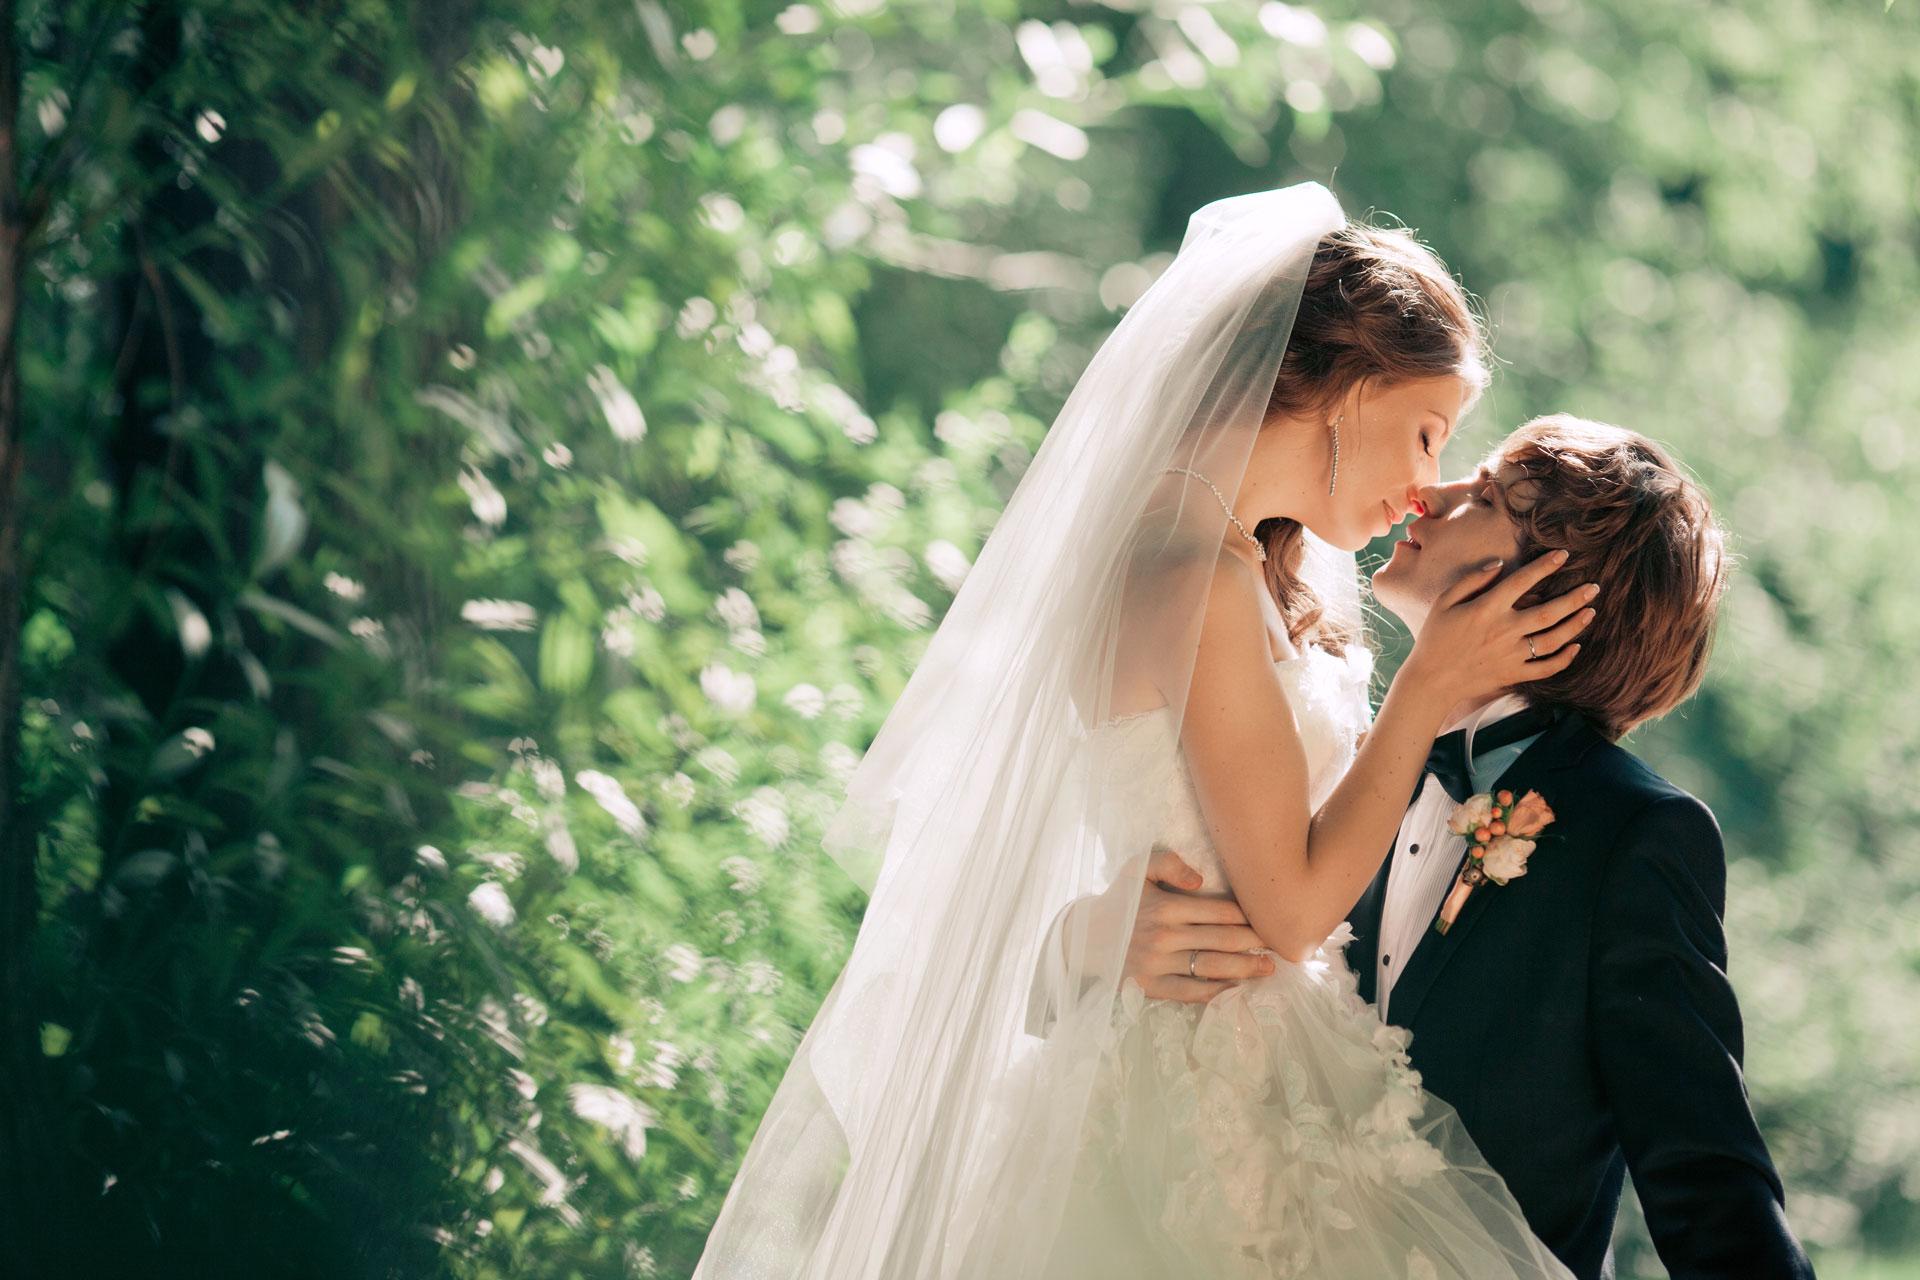 суховатый свадебные фото советы жить город екатеринбург